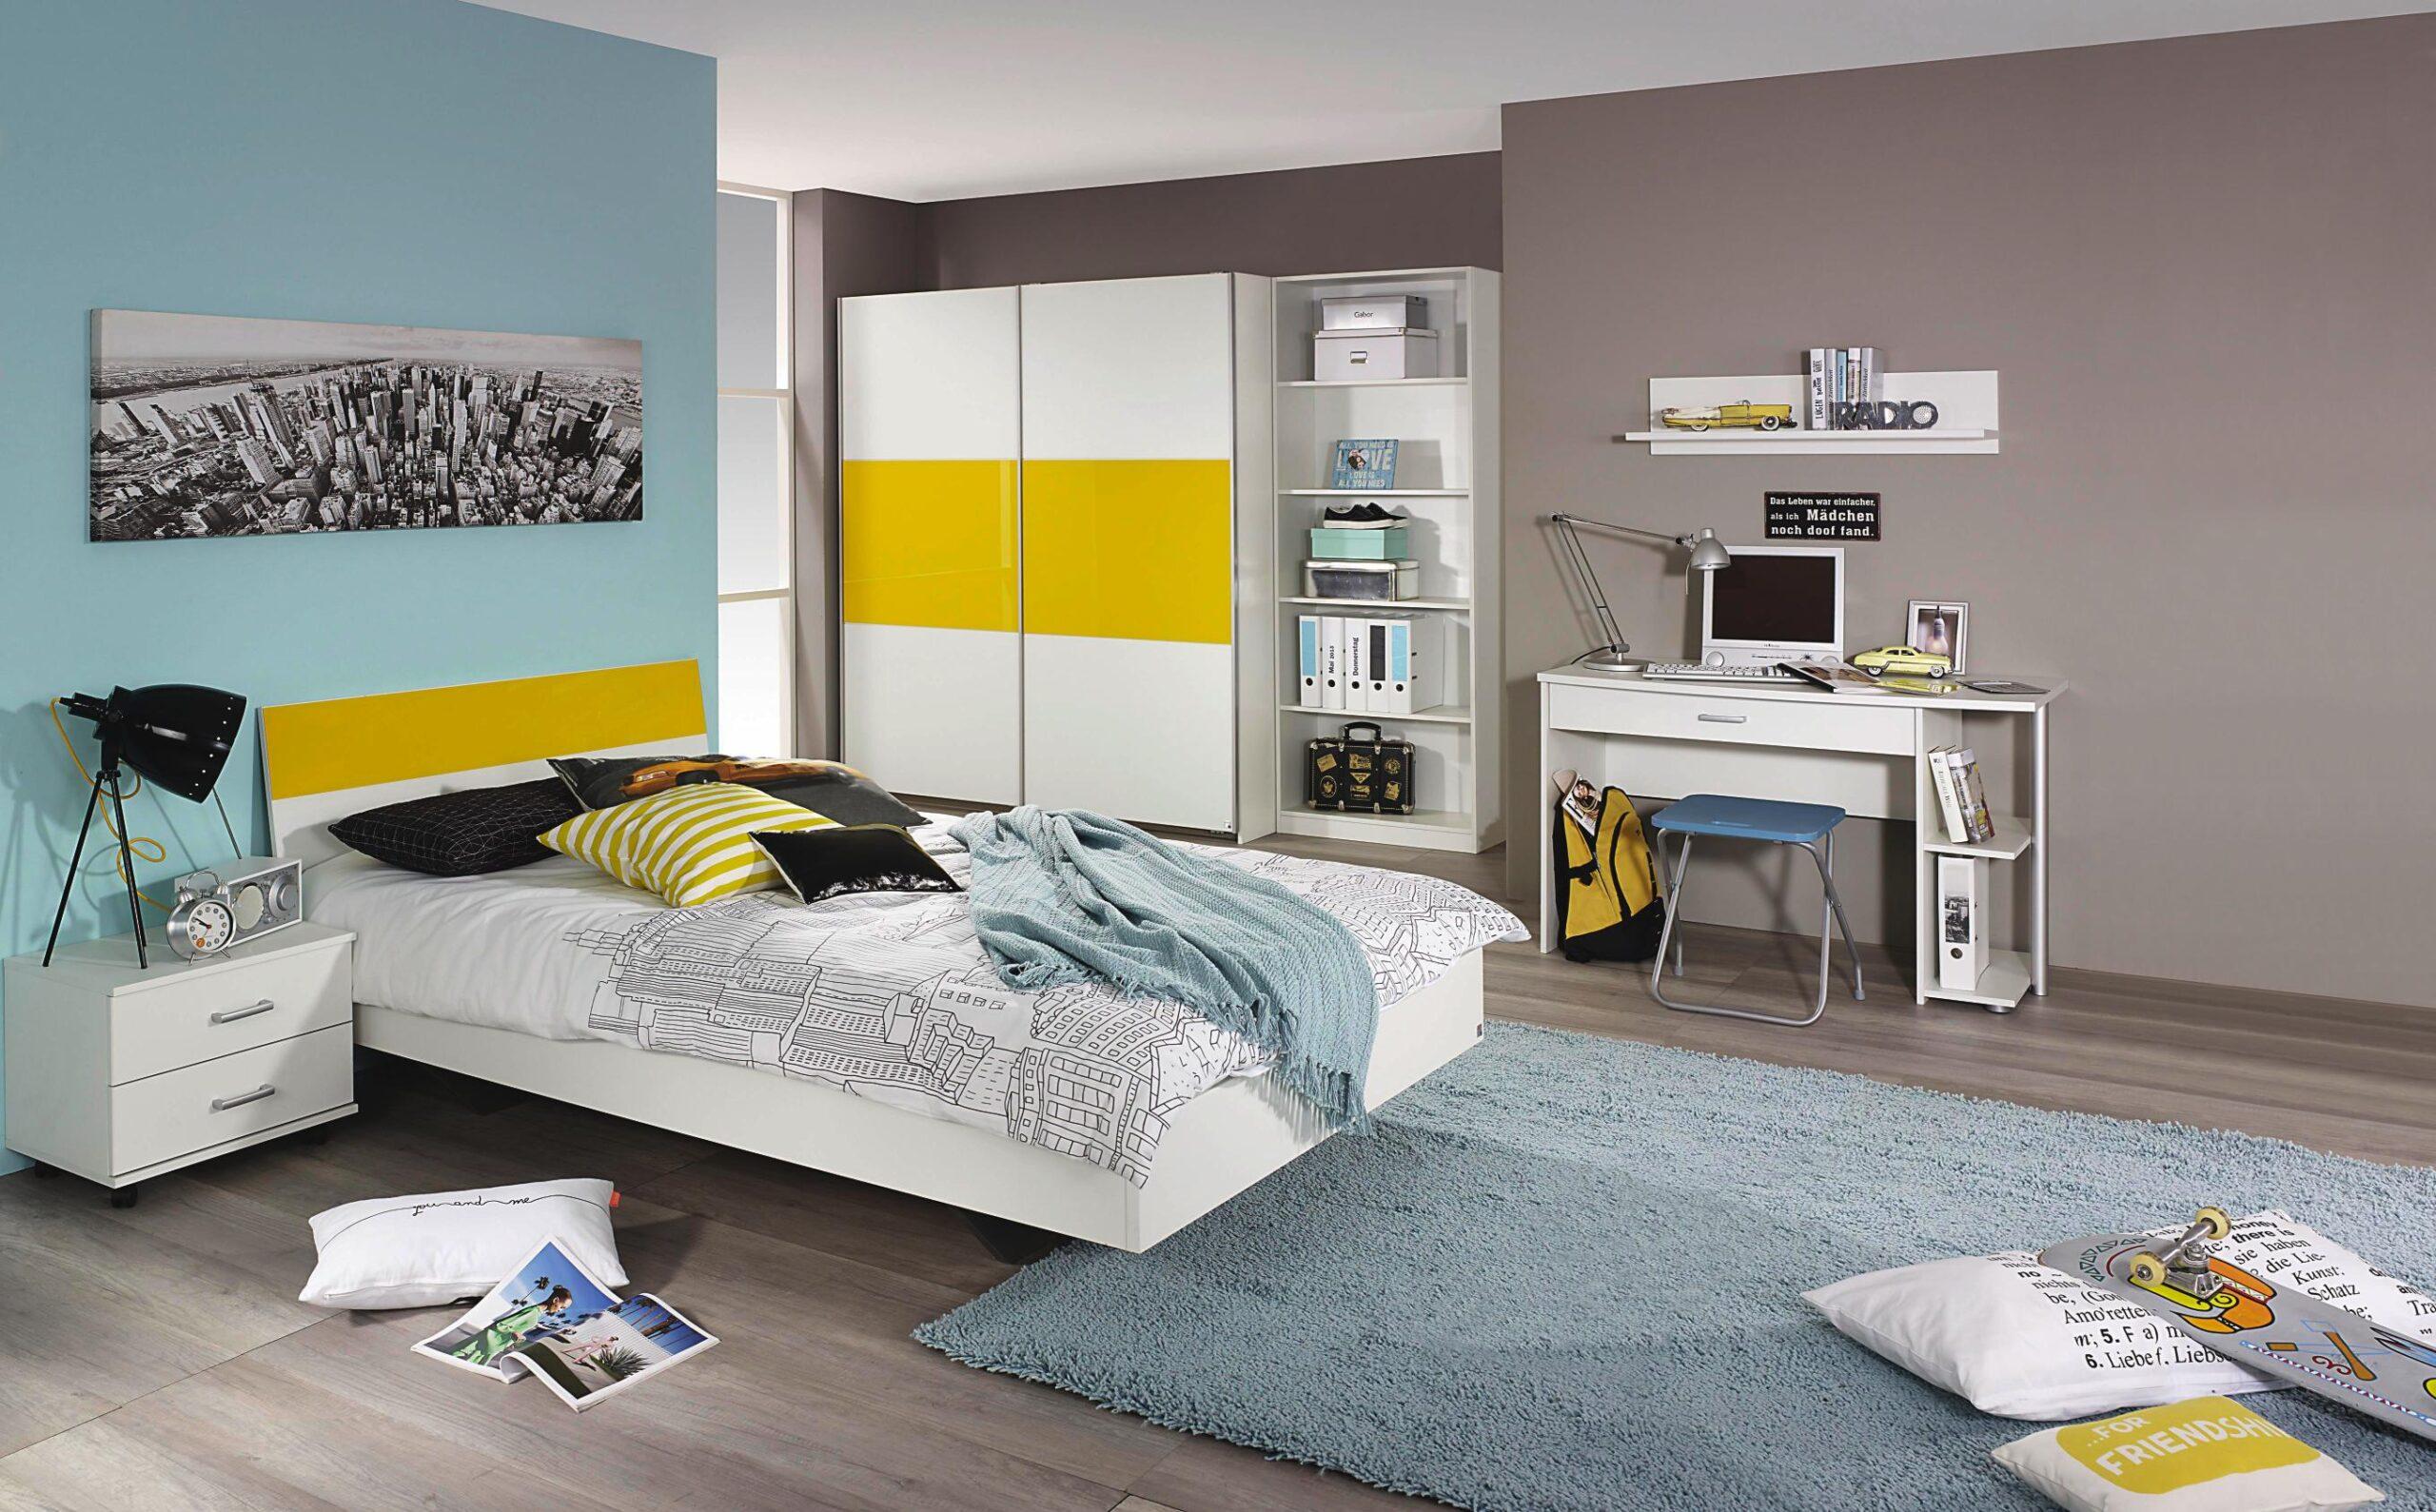 Full Size of Schlafzimmer Komplett Xora Set Preis Bettwsche Jugendzimmer Bett Sofa Wohnzimmer Xora Jugendzimmer